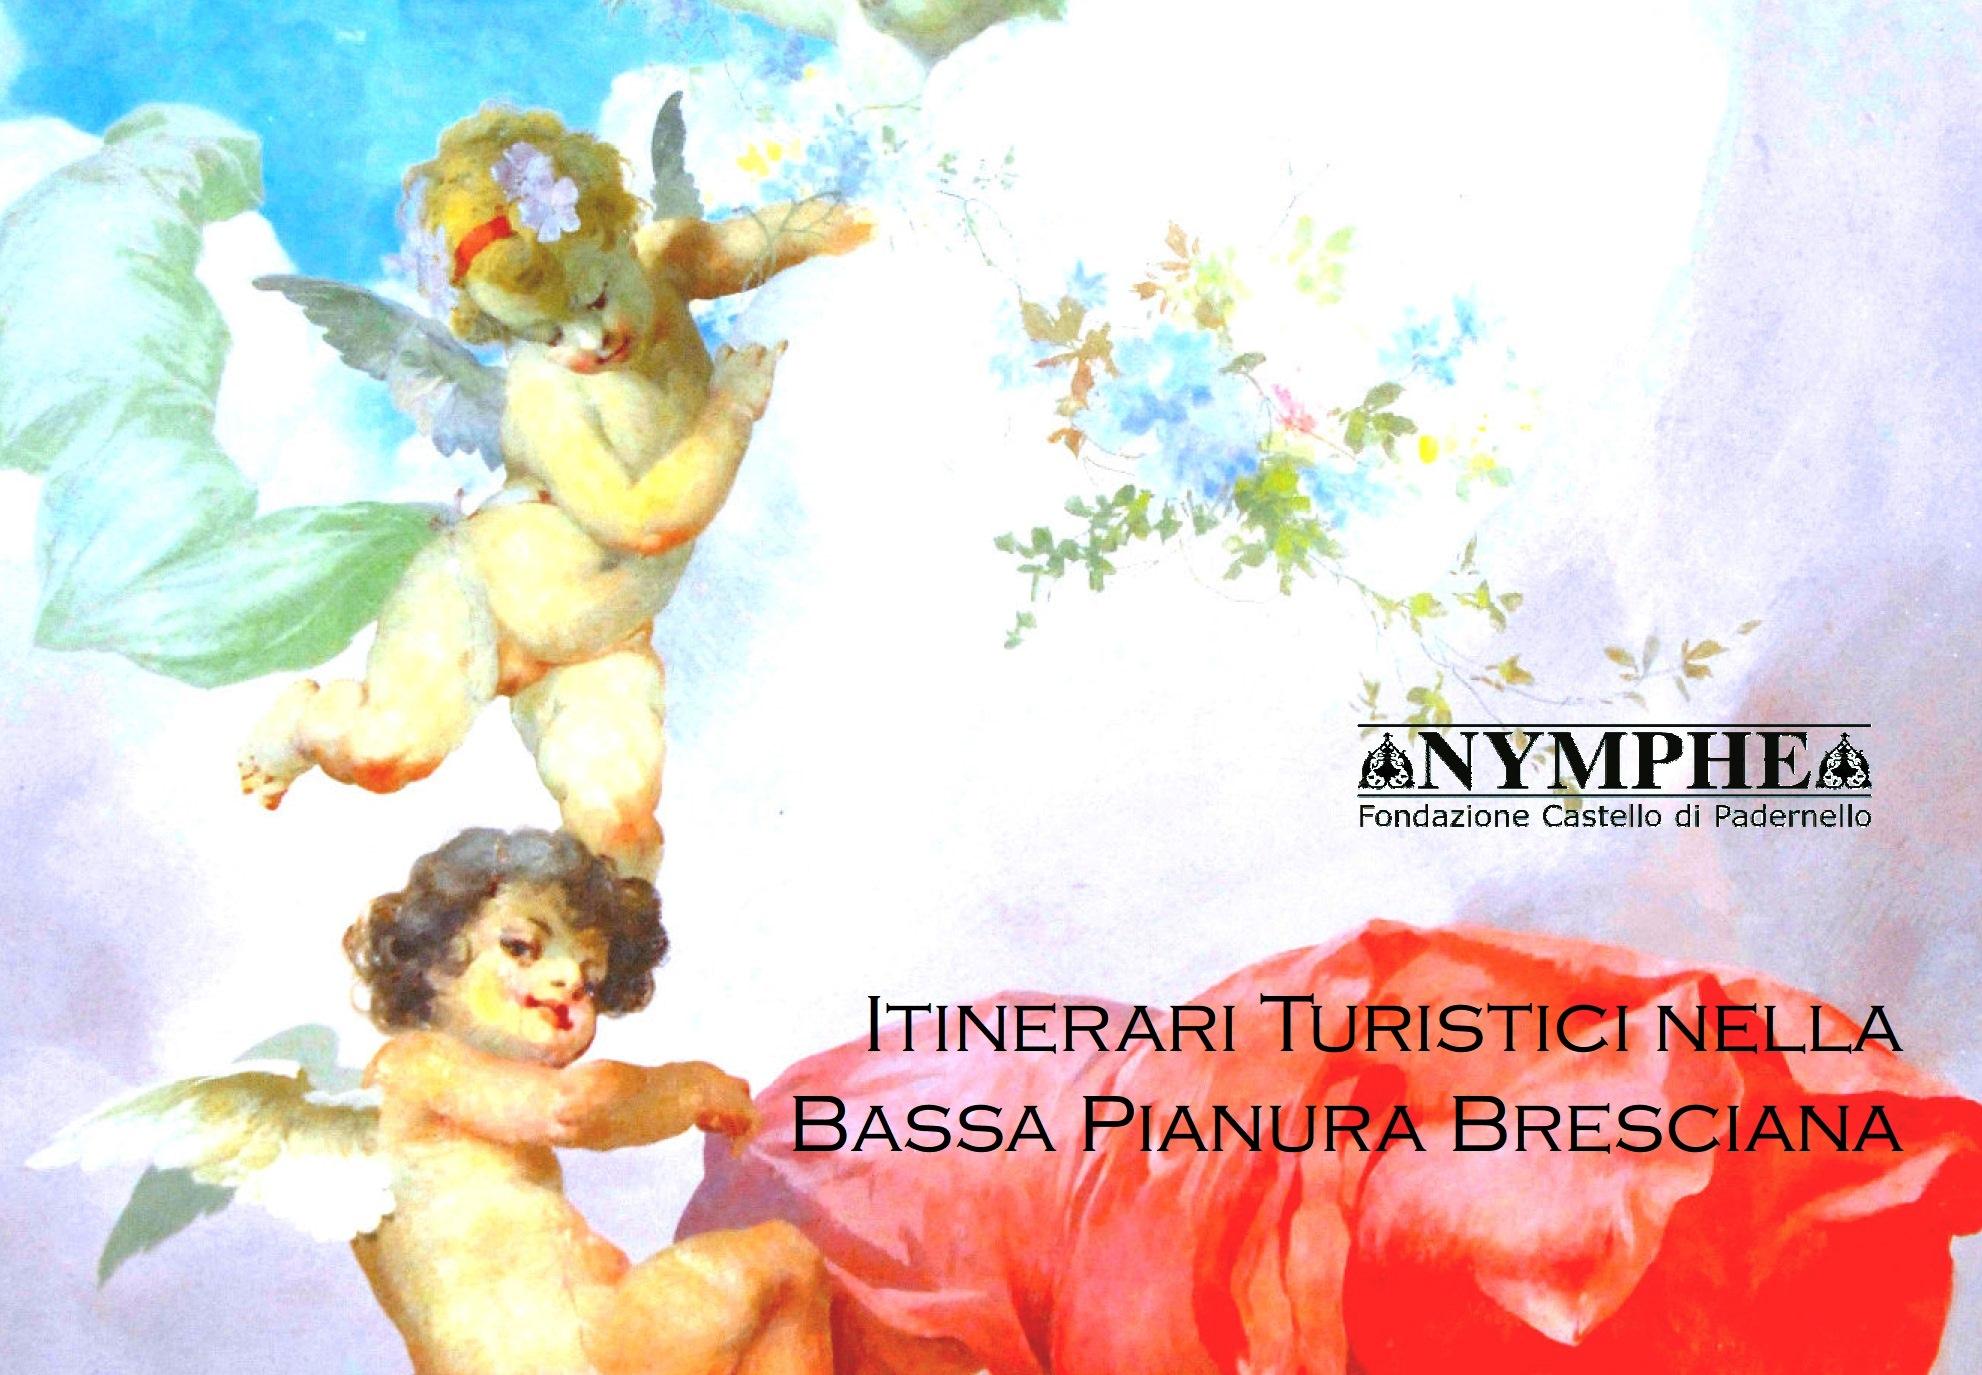 itinerari nymphe